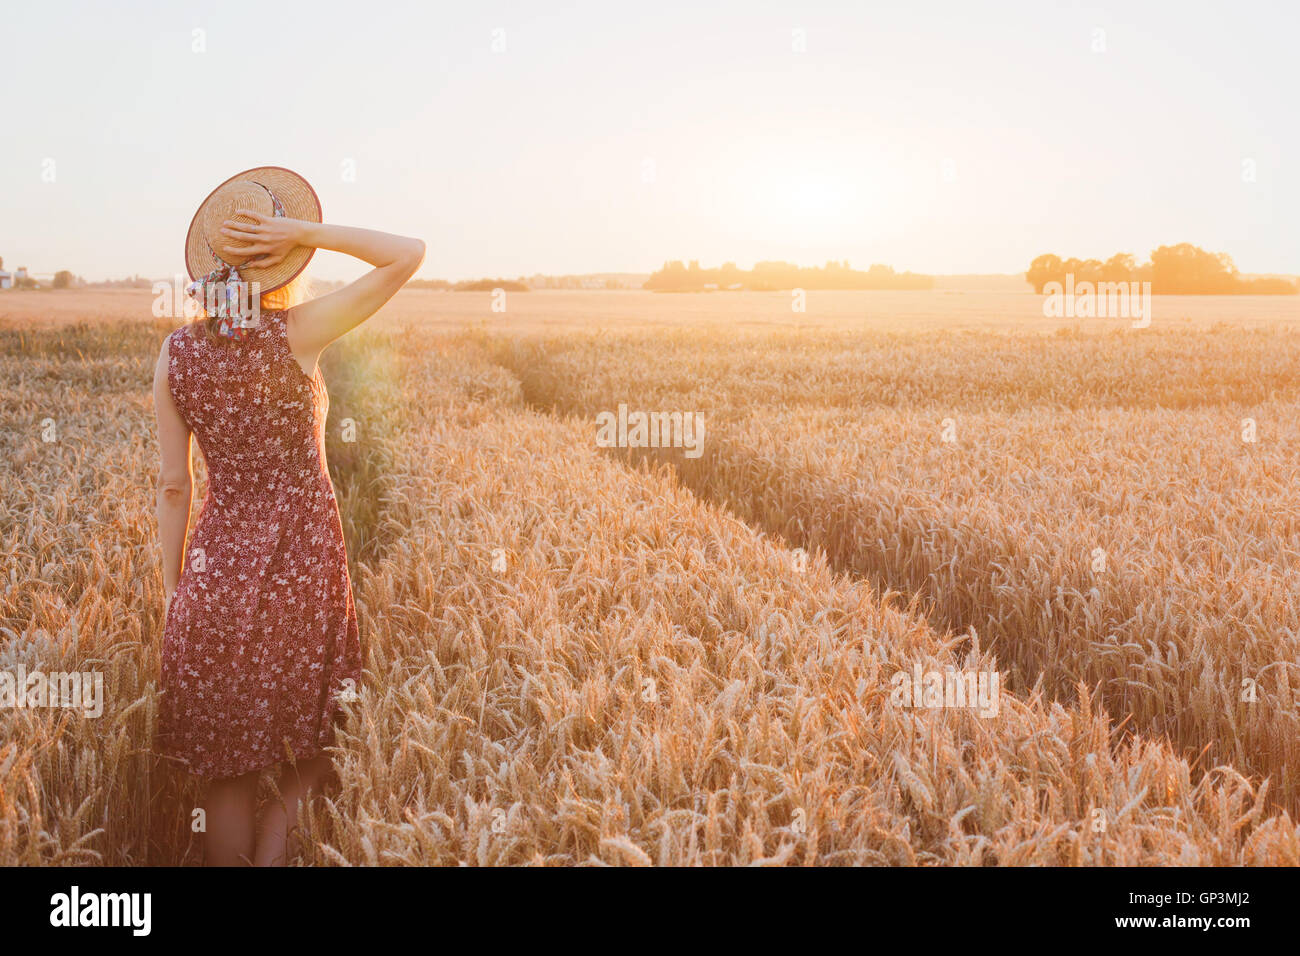 Sommer glückliche junge Frau im Weizenfeld mit Sonnenuntergang, Tagtraum, schönen Hintergrund mit Platz Stockbild